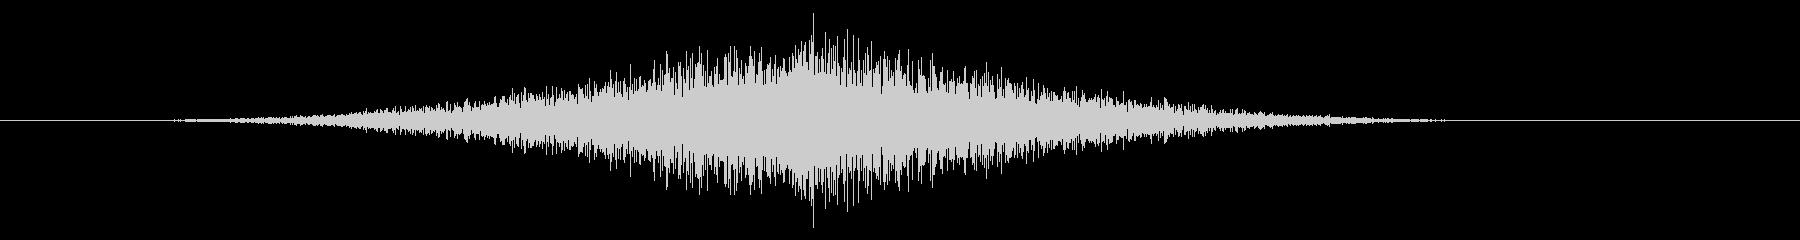 SNES レース01-03(通過)の未再生の波形